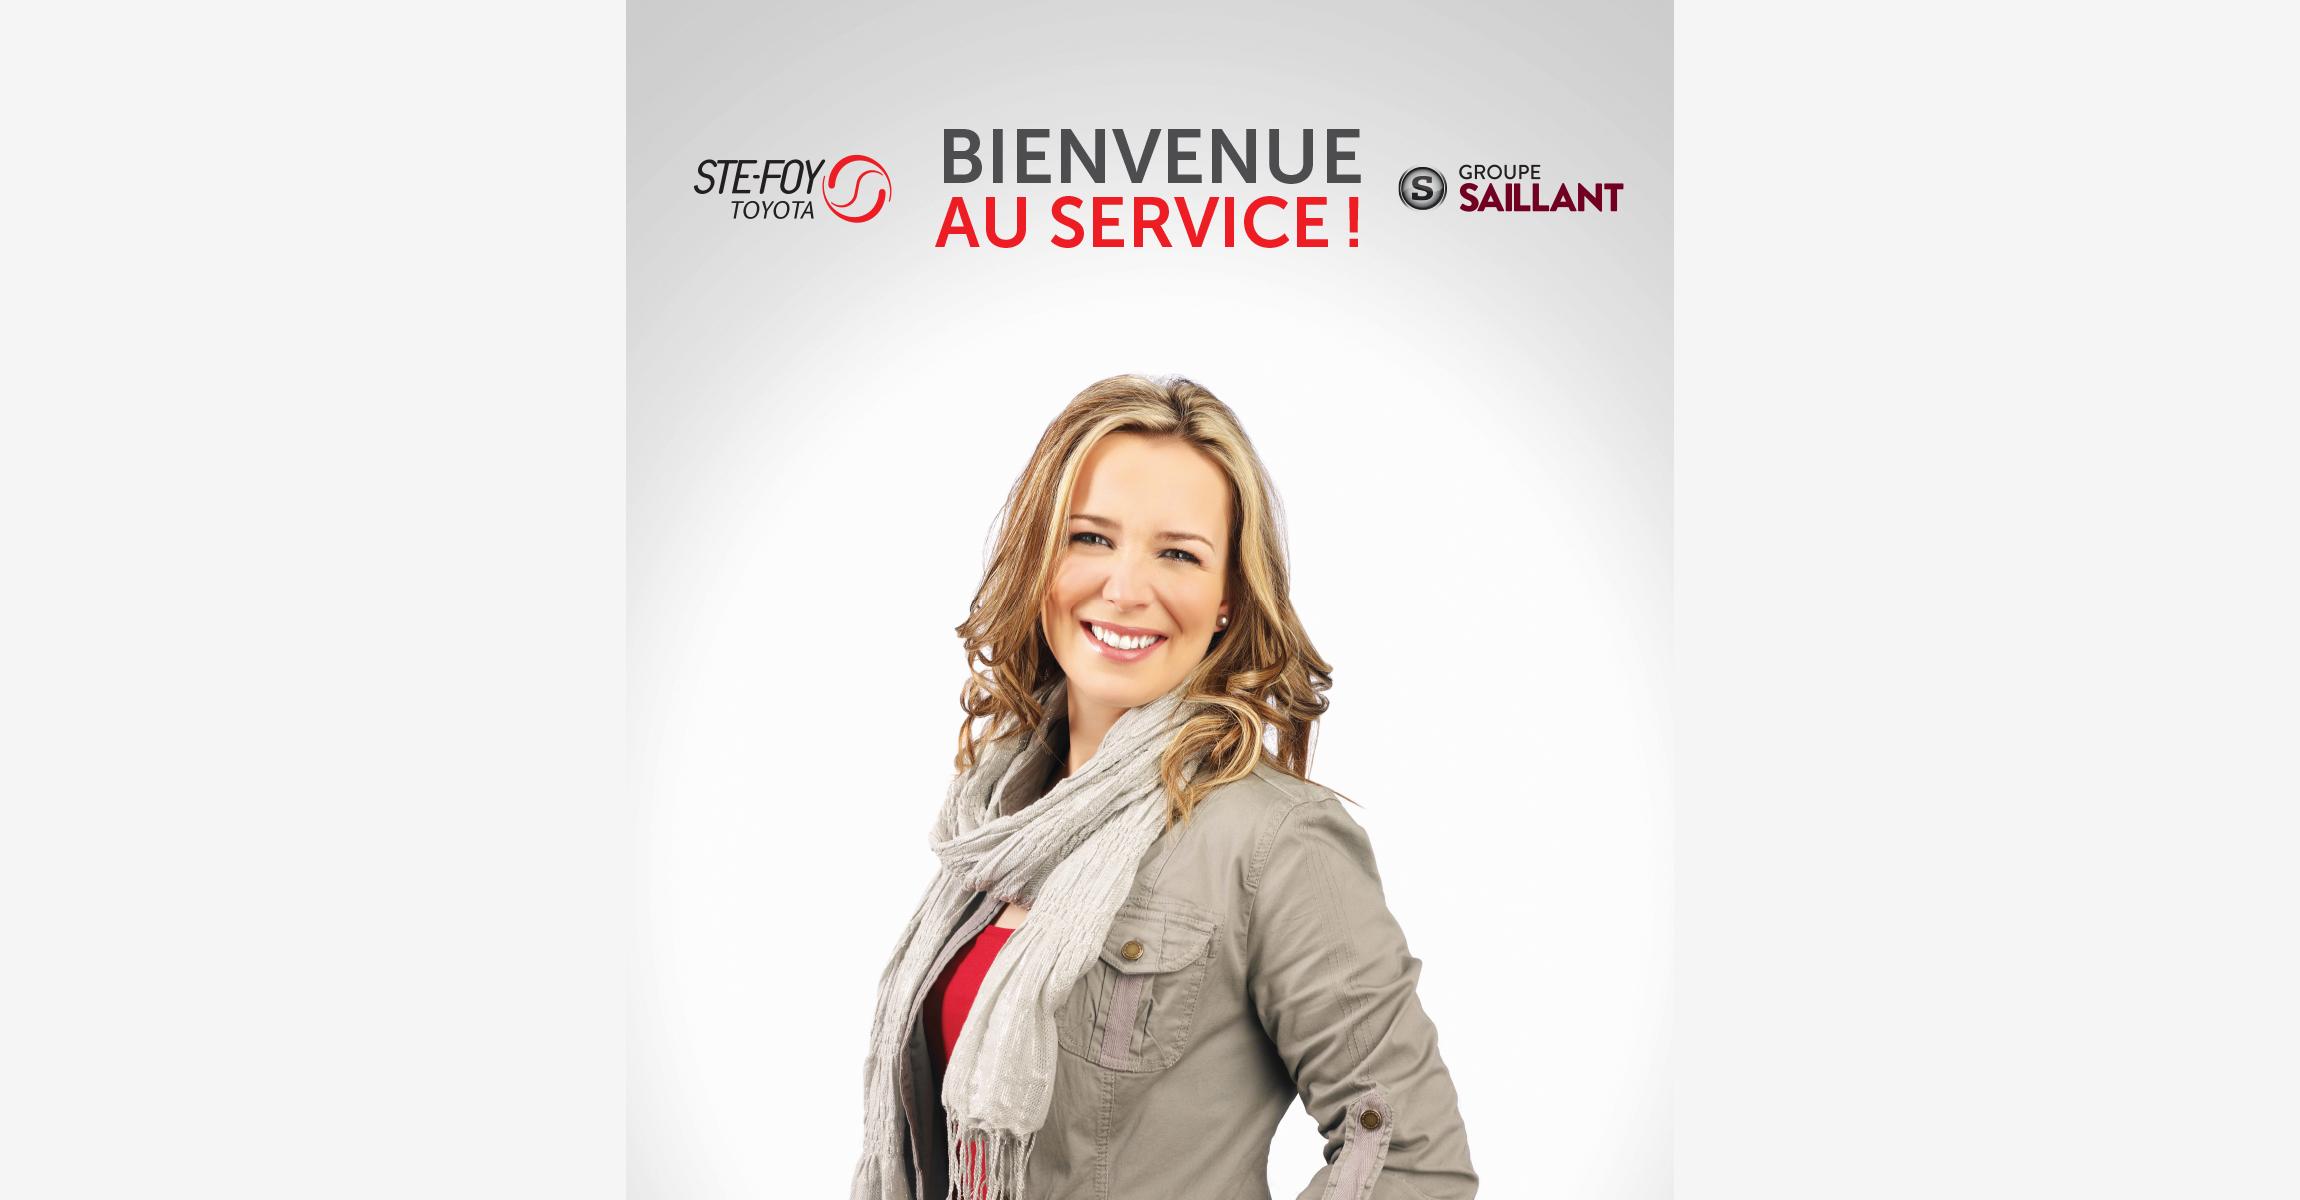 Affiche – Service Ste-Foy Toyota - Empreinte Studio